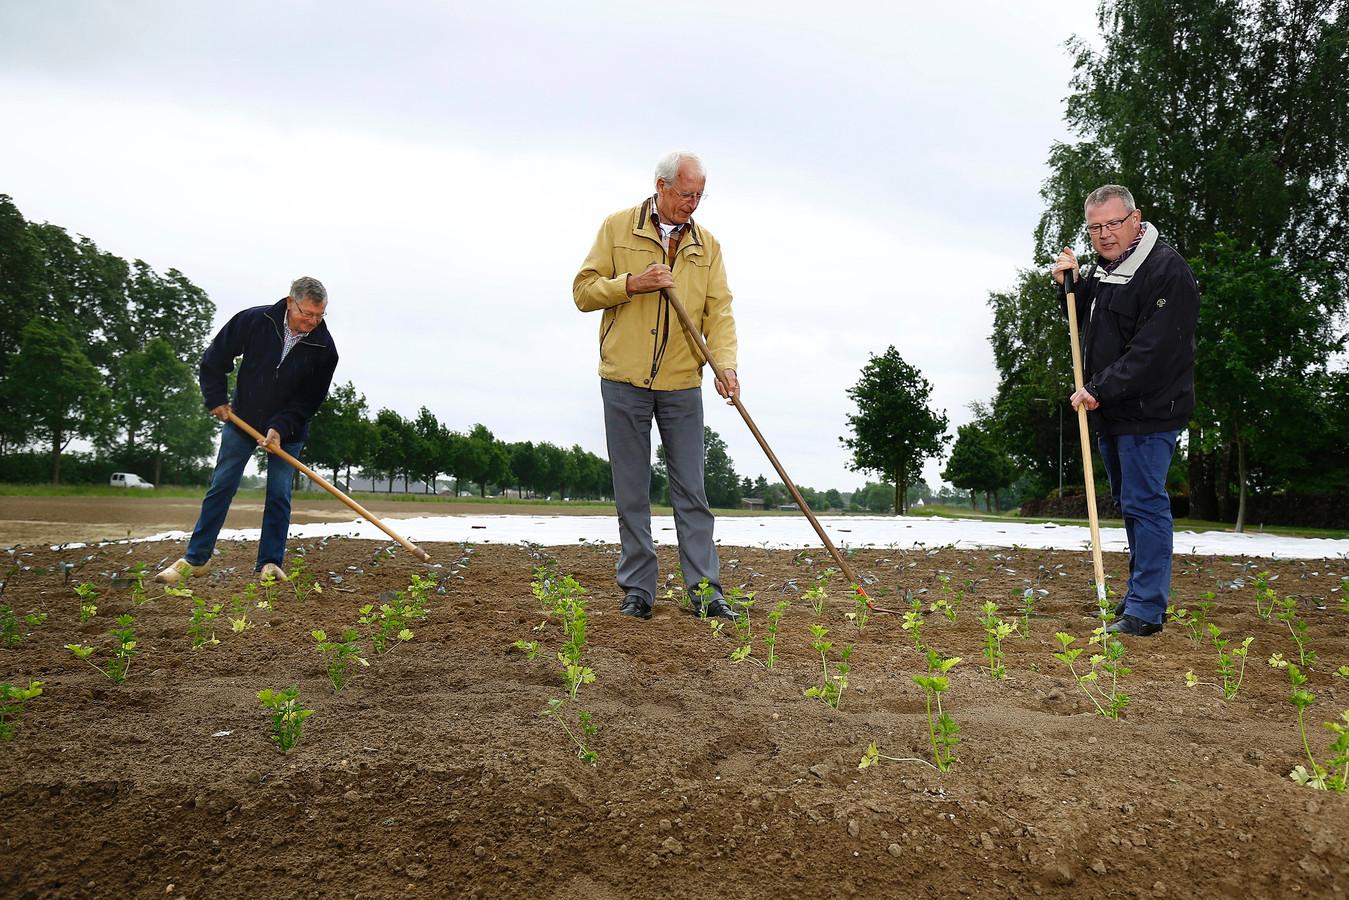 Xaf Hendriksen, Ton Banning en de voorzitter van het Landjuweel 2017 Bas Loeters (vanaf links) aan het werk op de grond aan de Fluunseweg.